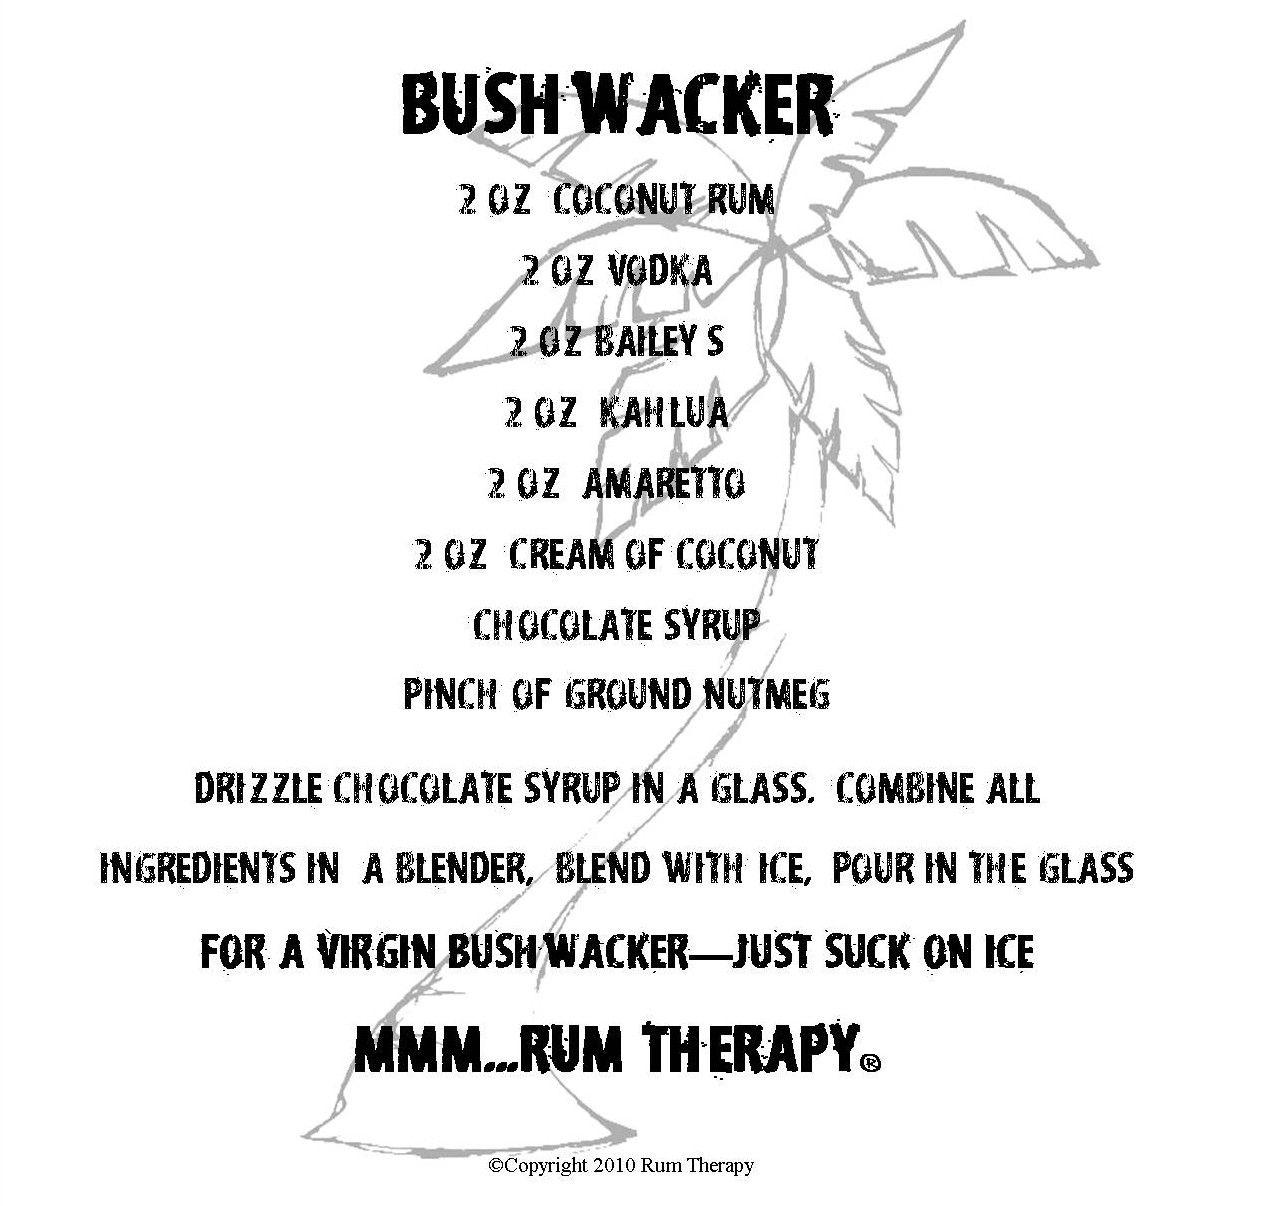 Bushwacker Cocktail Bushwacker Drink Bushwacker Recipe Bushwacker